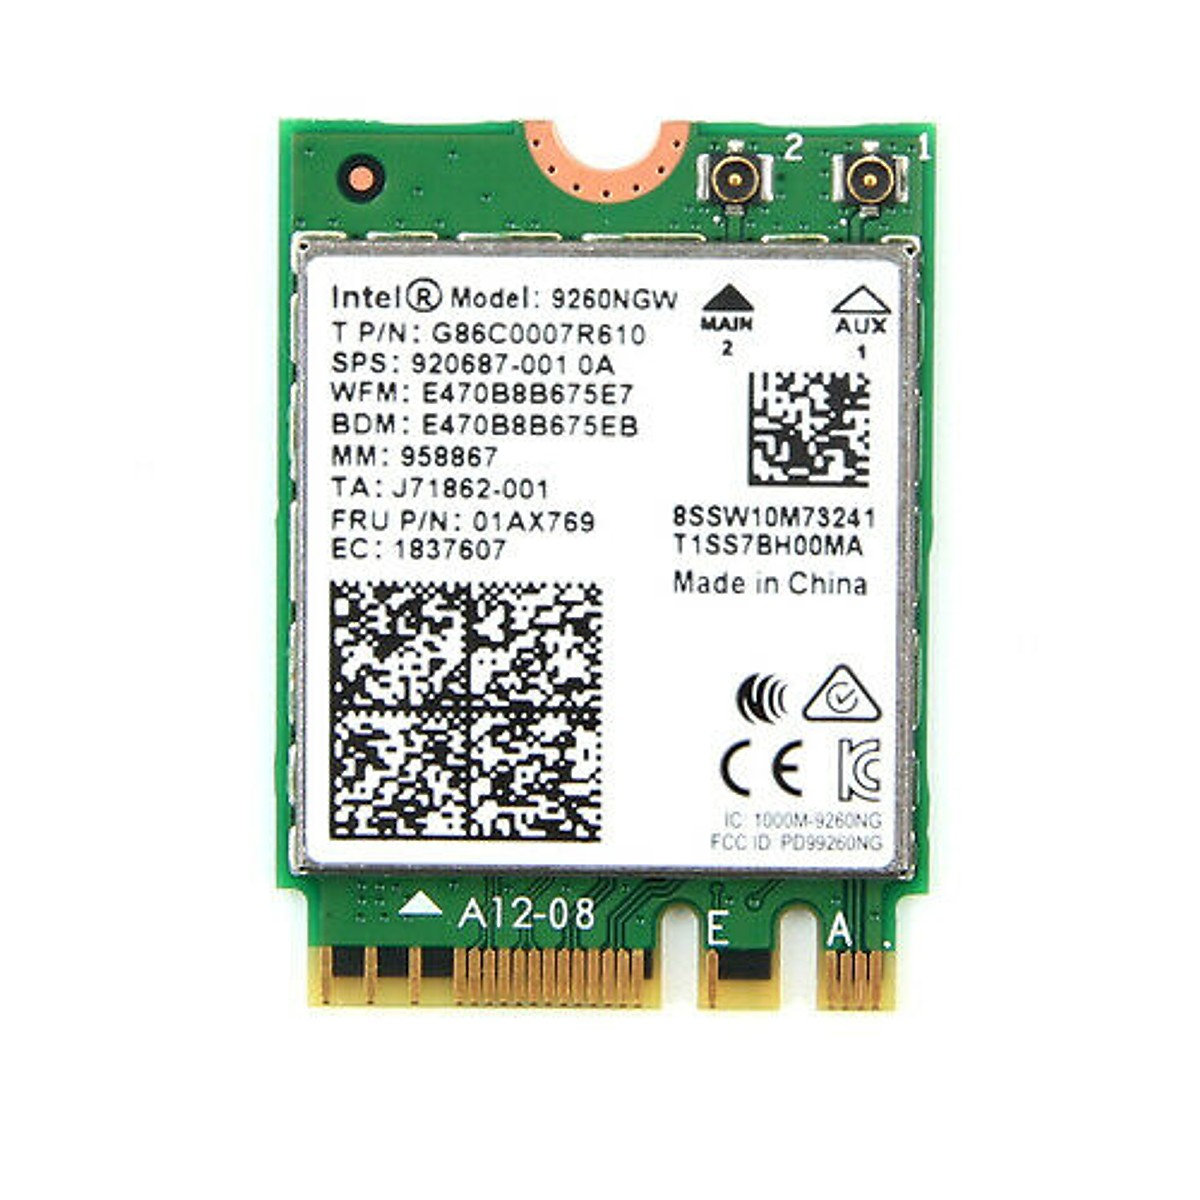 Card WIFI Bluetooth cho PC sử dụng chip Intel AC 9260 khe PCI cho tích hợp Bluetooth 5.0 tốc độ 1730M có tản nhiệt